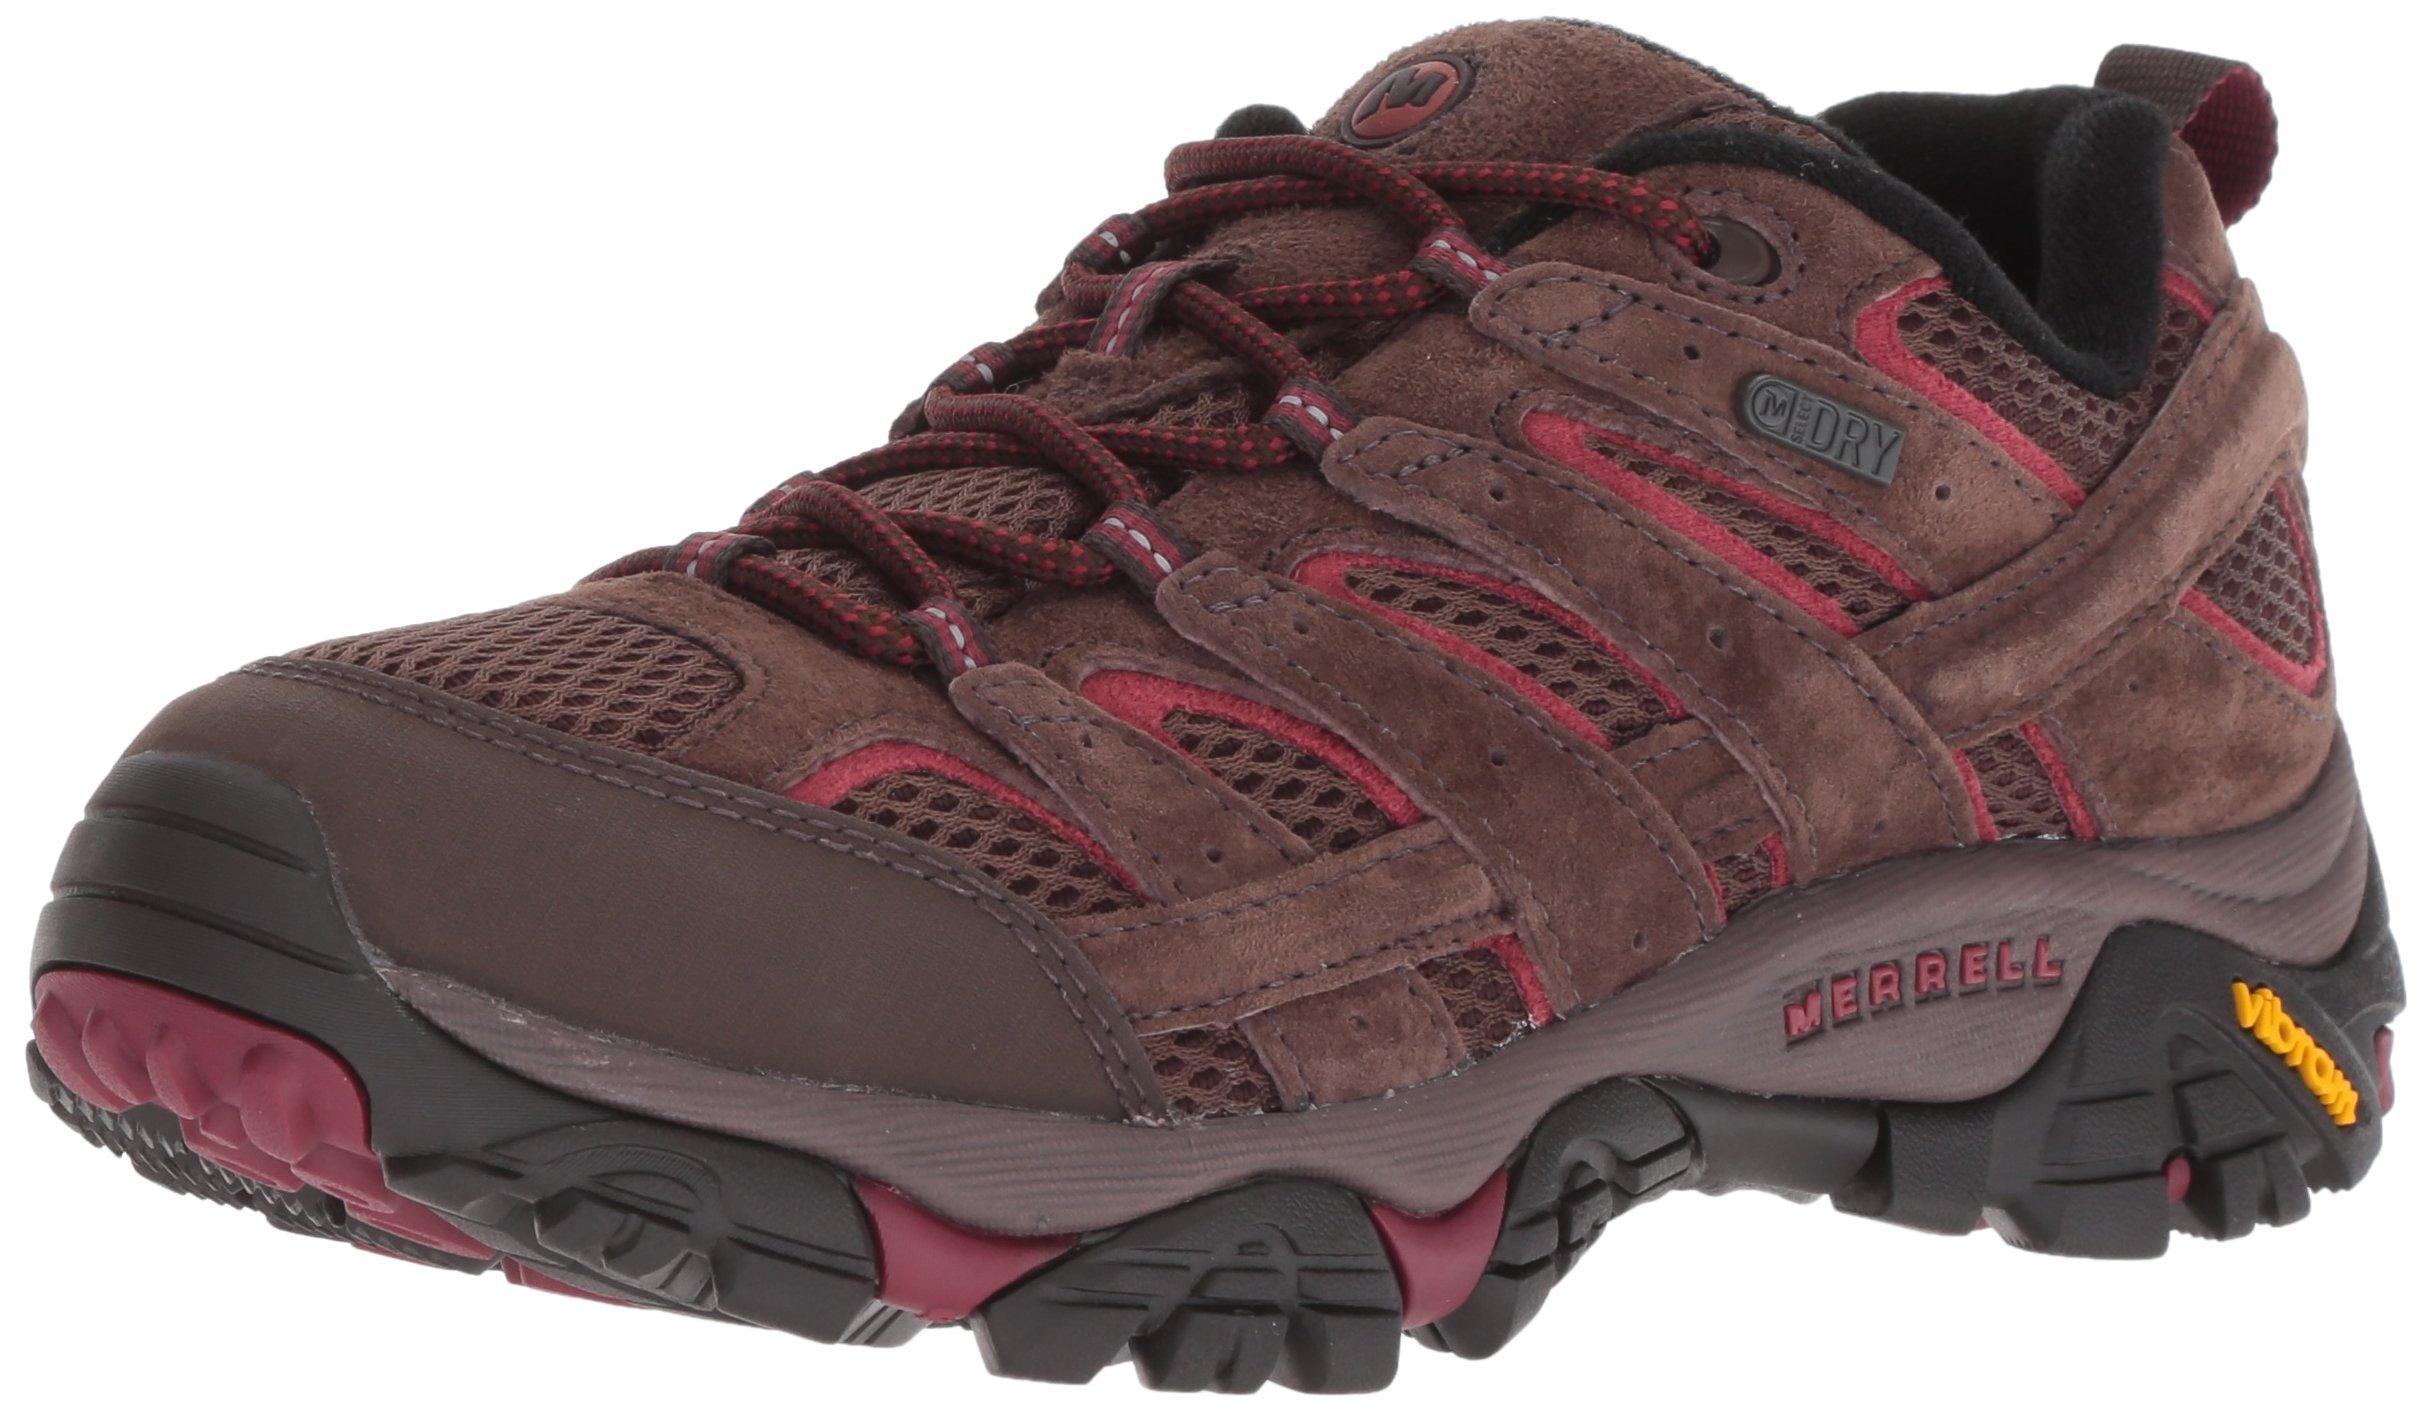 Merrell Women's Moab 2 Waterproof Sneaker, Espresso, 6.5 M US